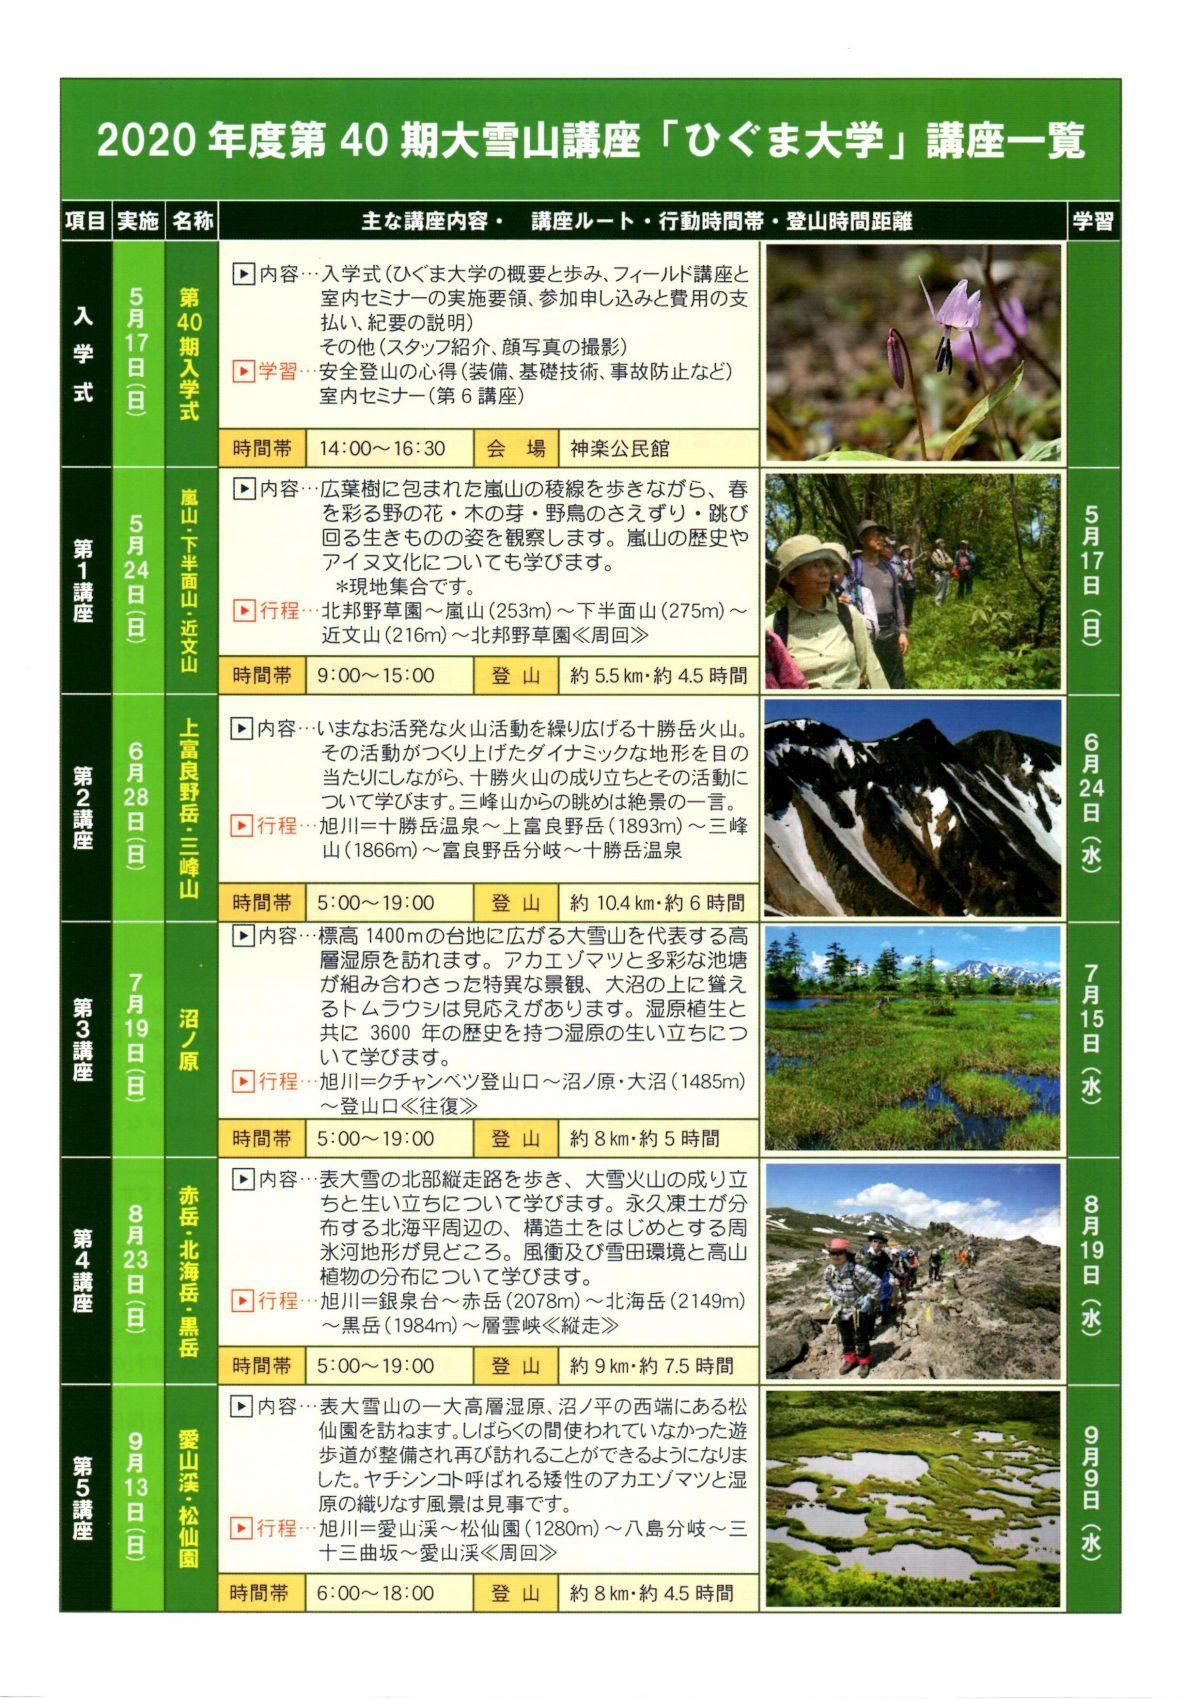 【お知らせ】ひぐま大学の入学式・室内セミナー・第1講座(嵐山)は6月14日になりました